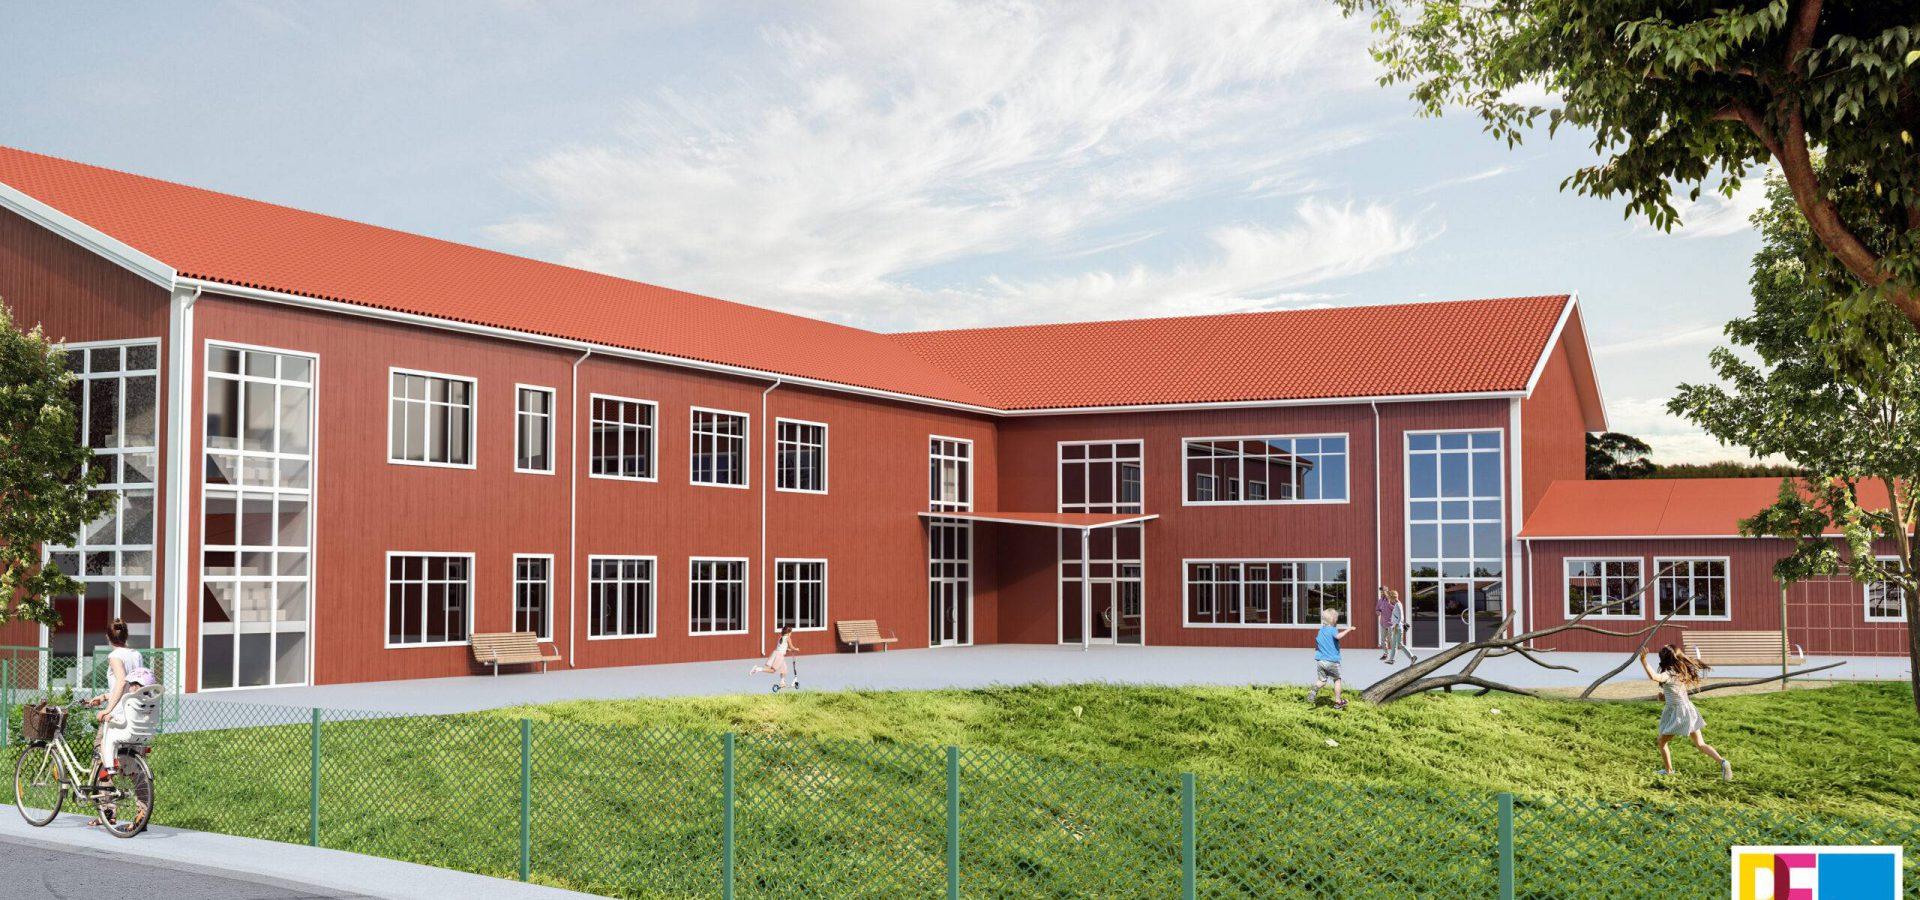 Lekebergsskolan